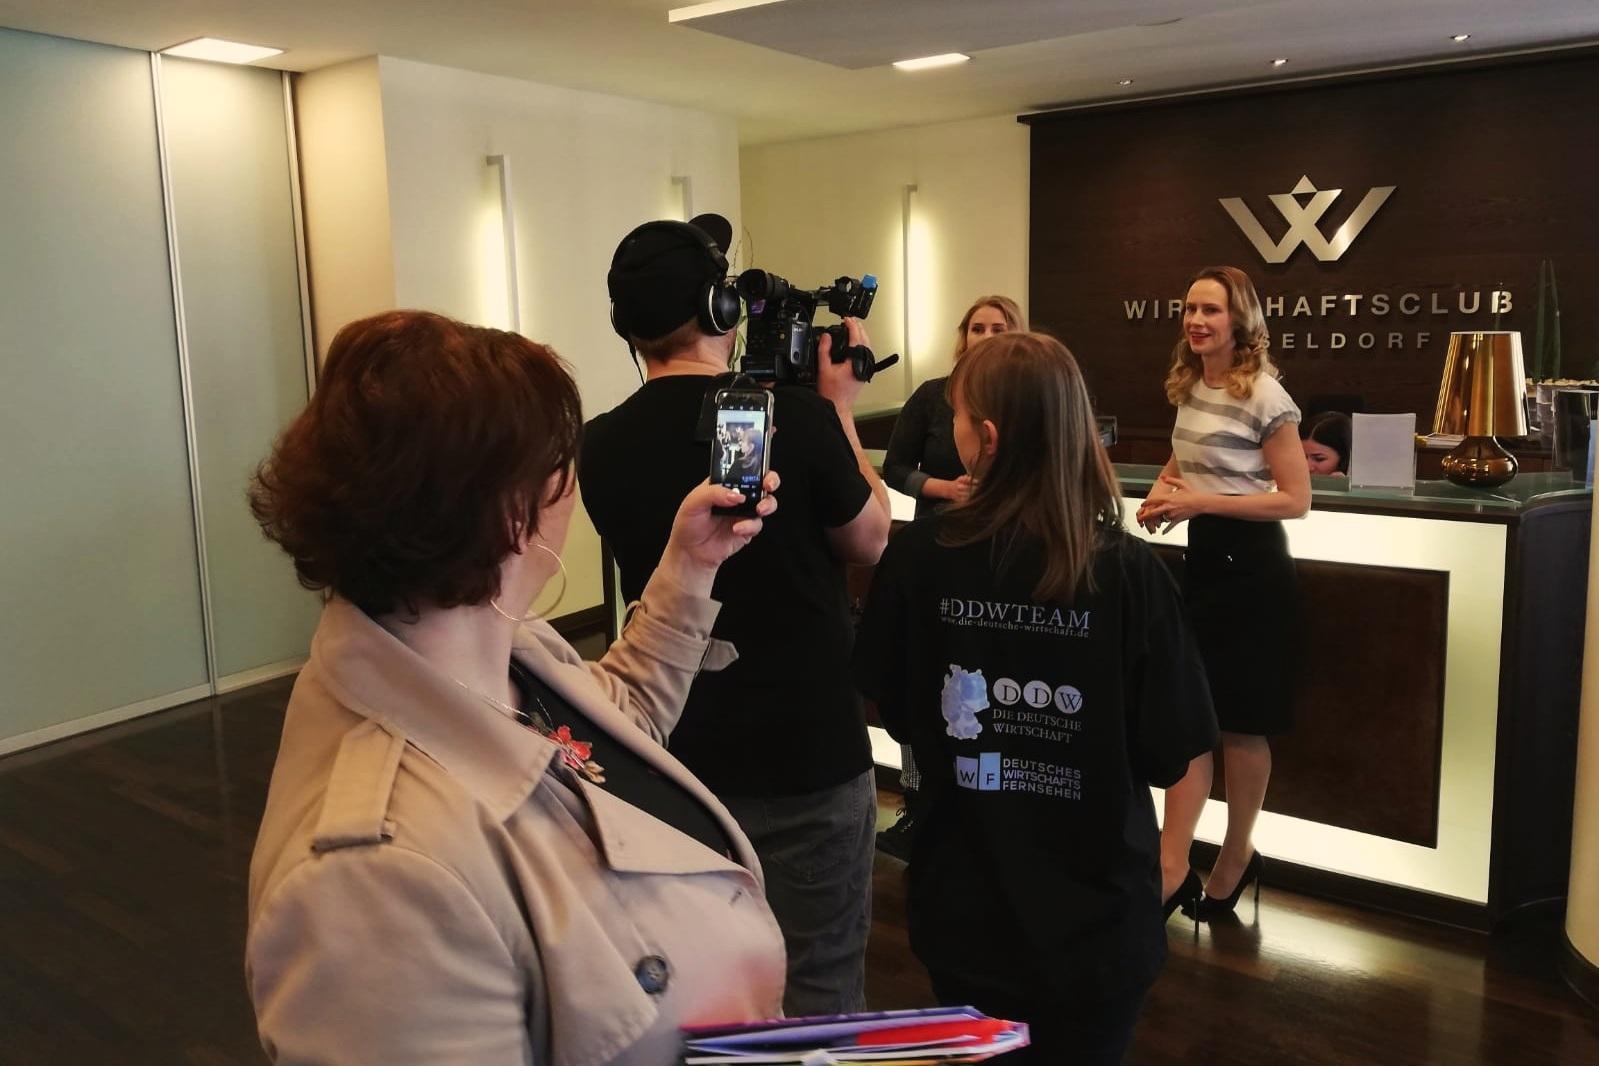 Wir drehen das. - Mit unserem Video- und Moderationsteam sind wir im Unternehmen zu Gast, besuchen dein Event oder produzieren in unserem Redaktionsstudio nahe Düsseldorf.